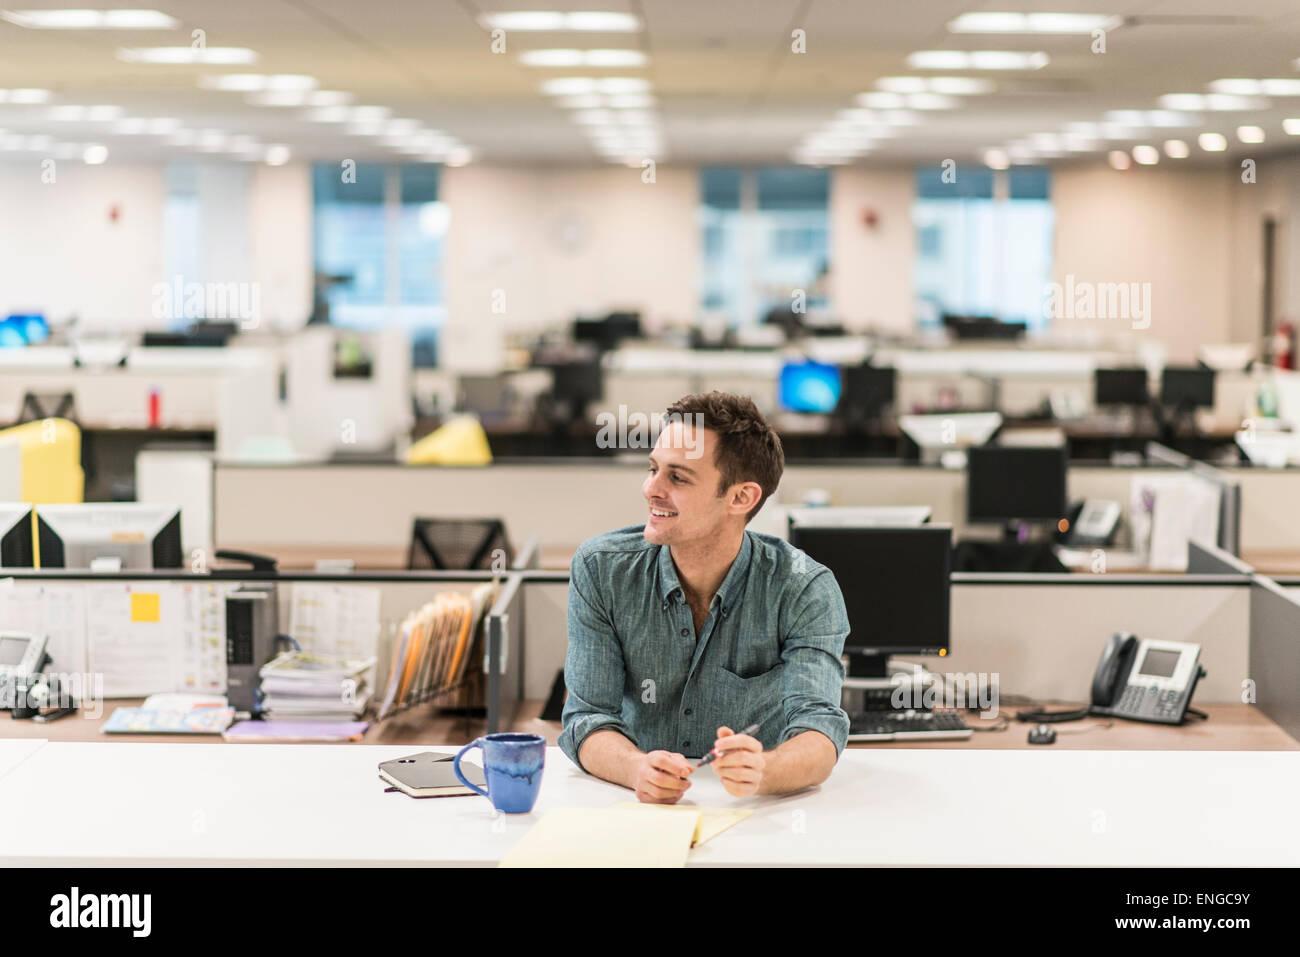 Ein junger Mann sitzt an einem Schreibtisch im Büro. Stockbild